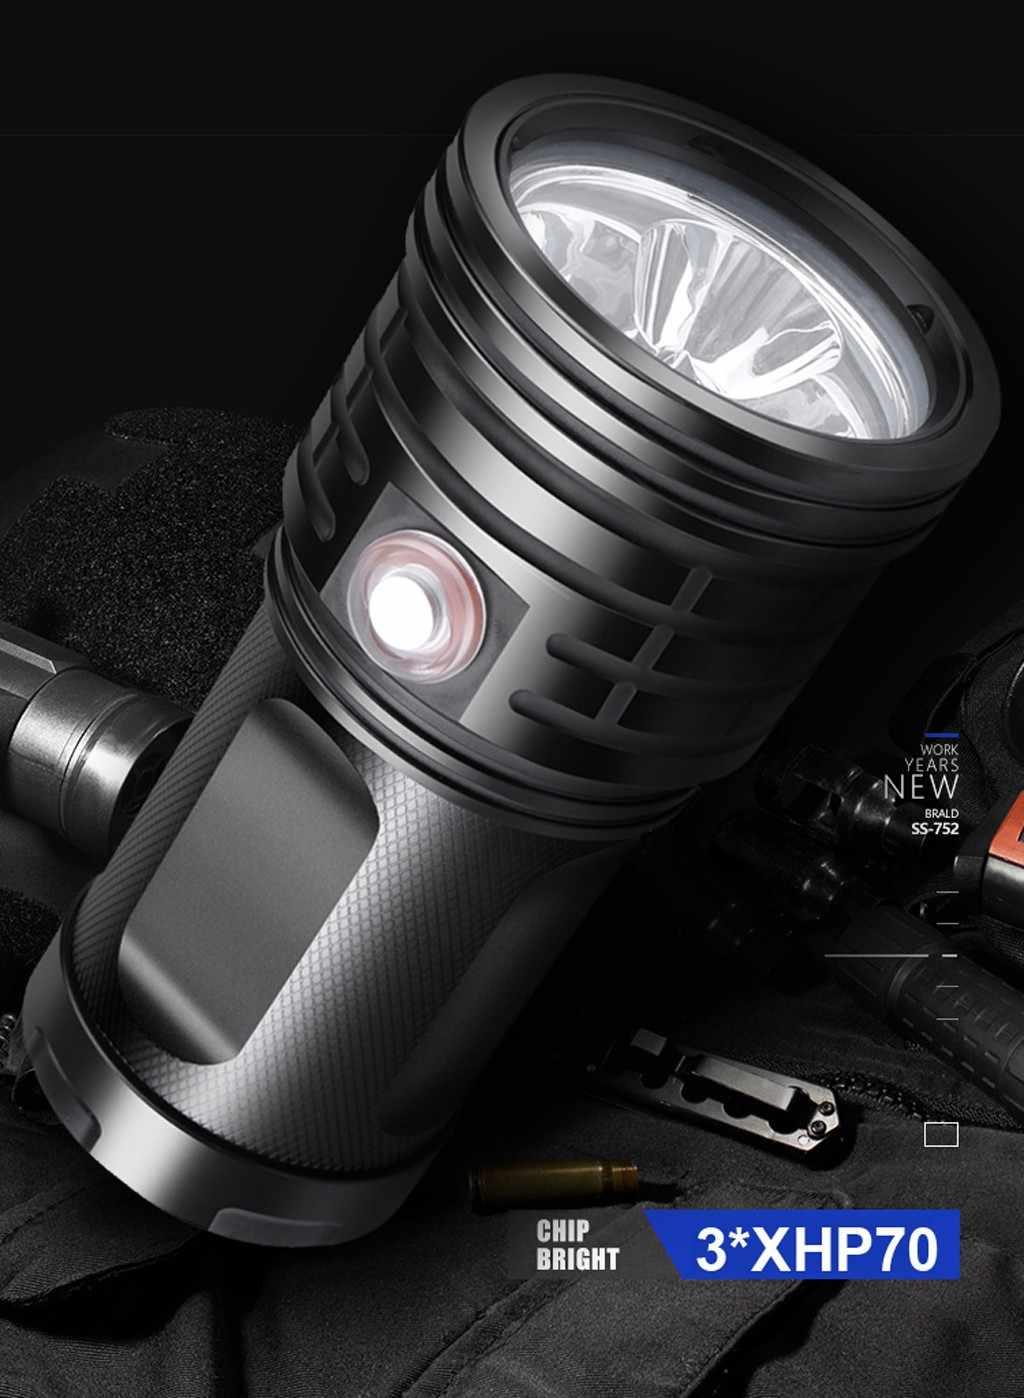 مصباح ليد جيب 3 * XHP70 الشعلة USB قابلة للشحن مصباح مقاوم للماء مشرقا جدا عالية الطاقة المحمولة في الهواء الطلق مصباح وامض للطوارئ